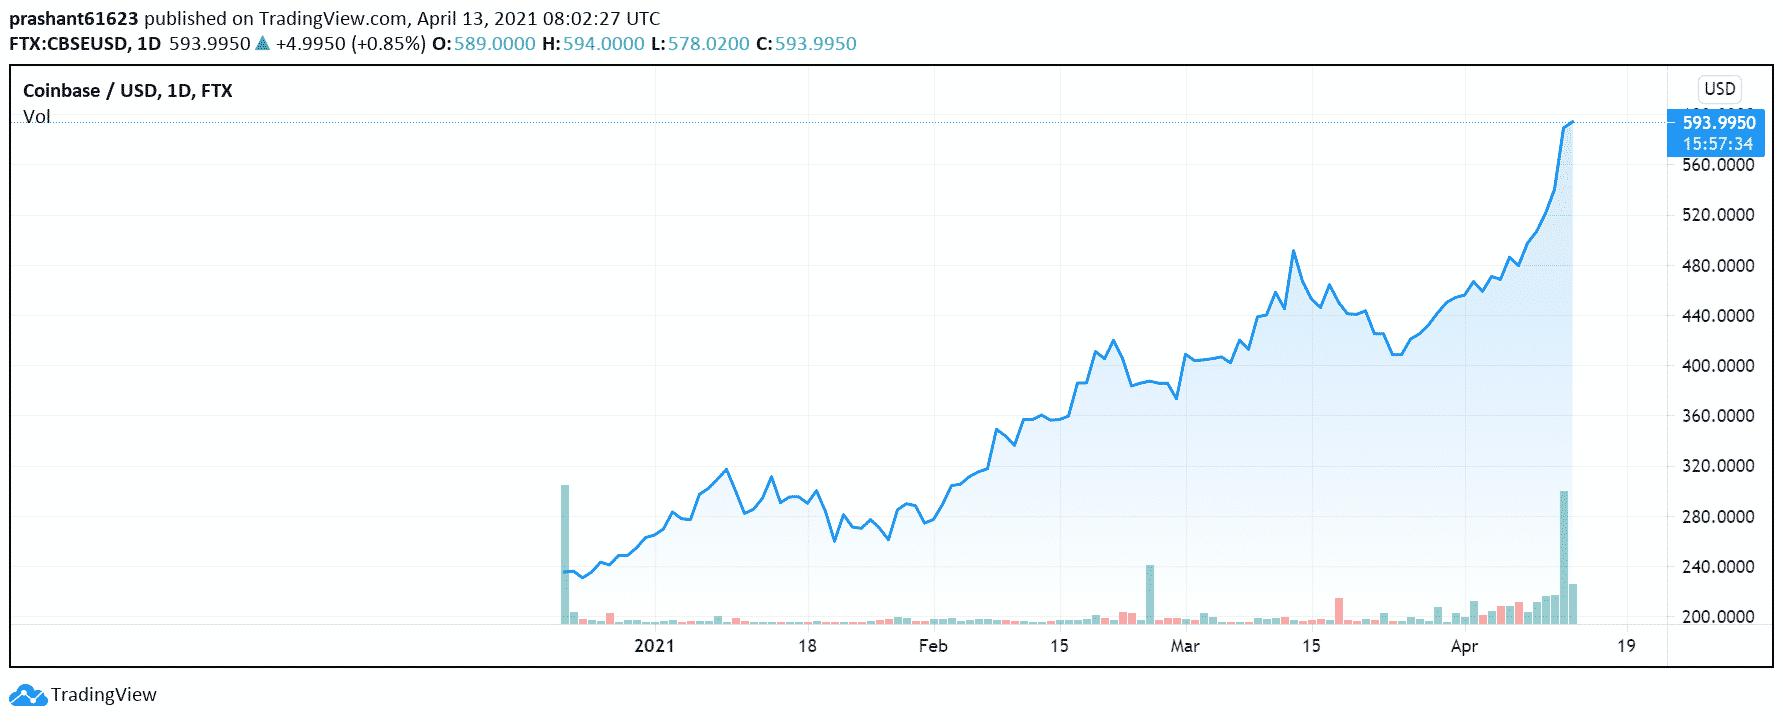 Coinbase Stock FTX